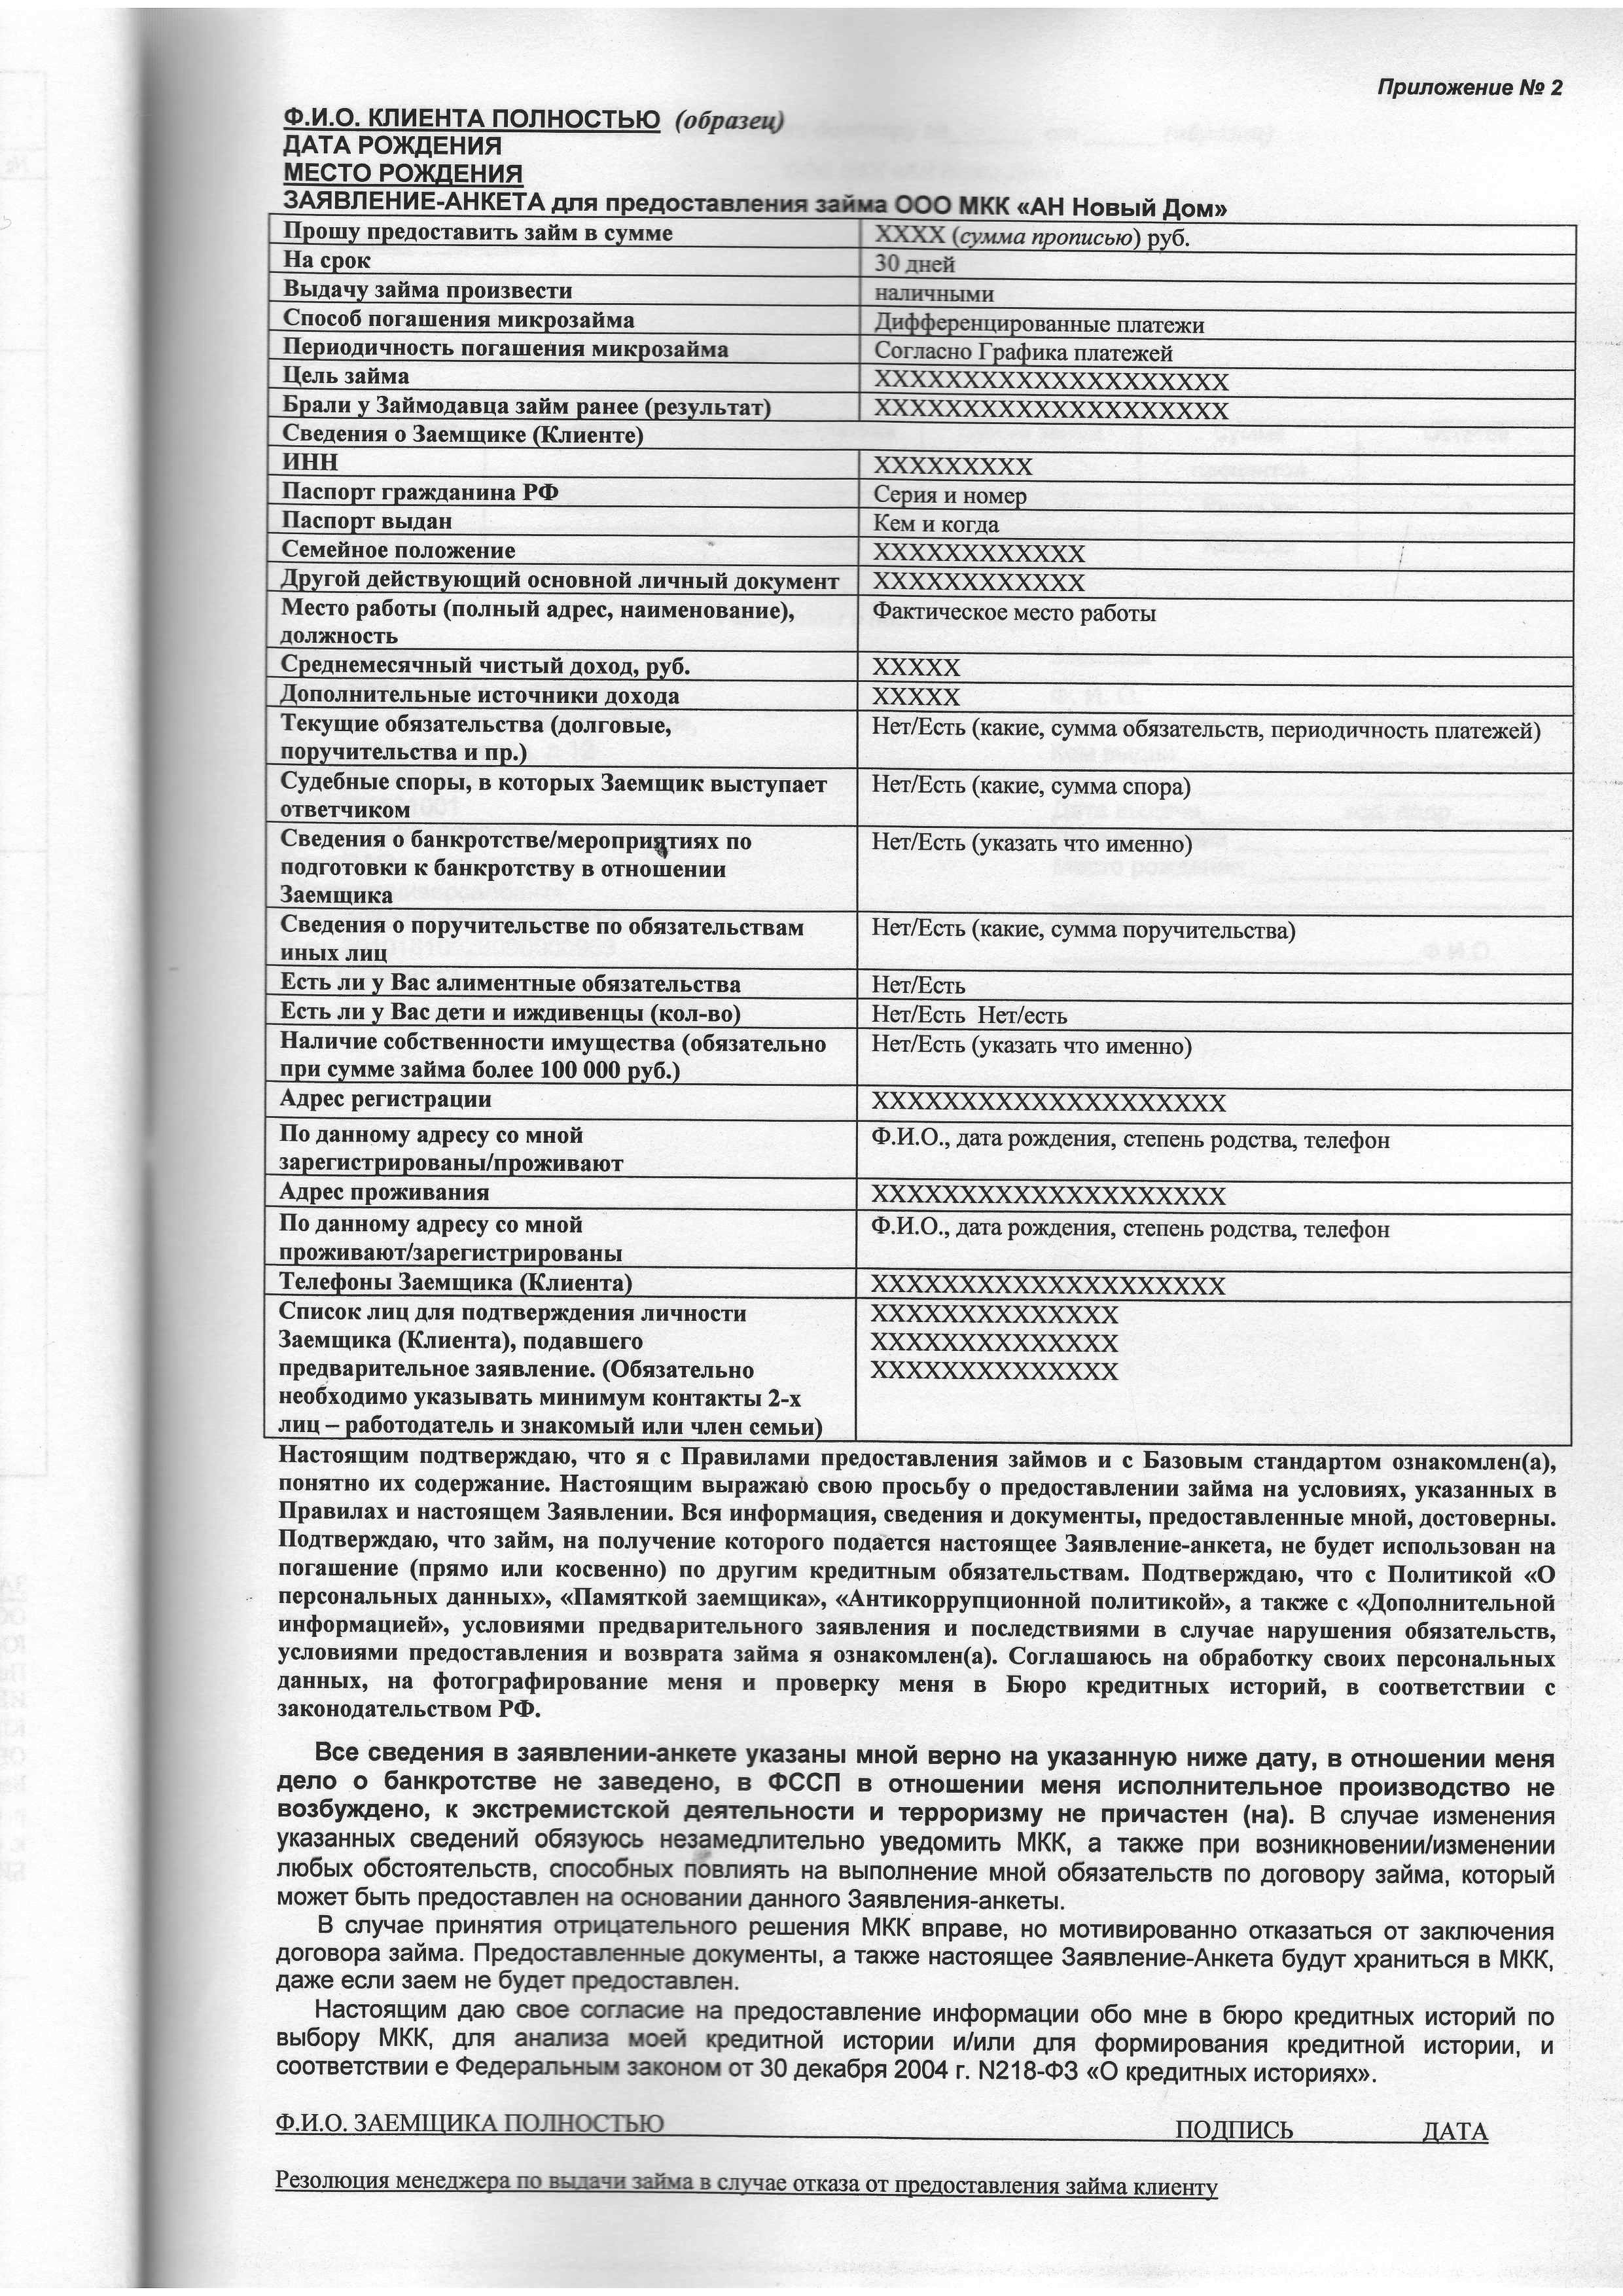 Кредиты Русфинанс Банк 2018: потребительский